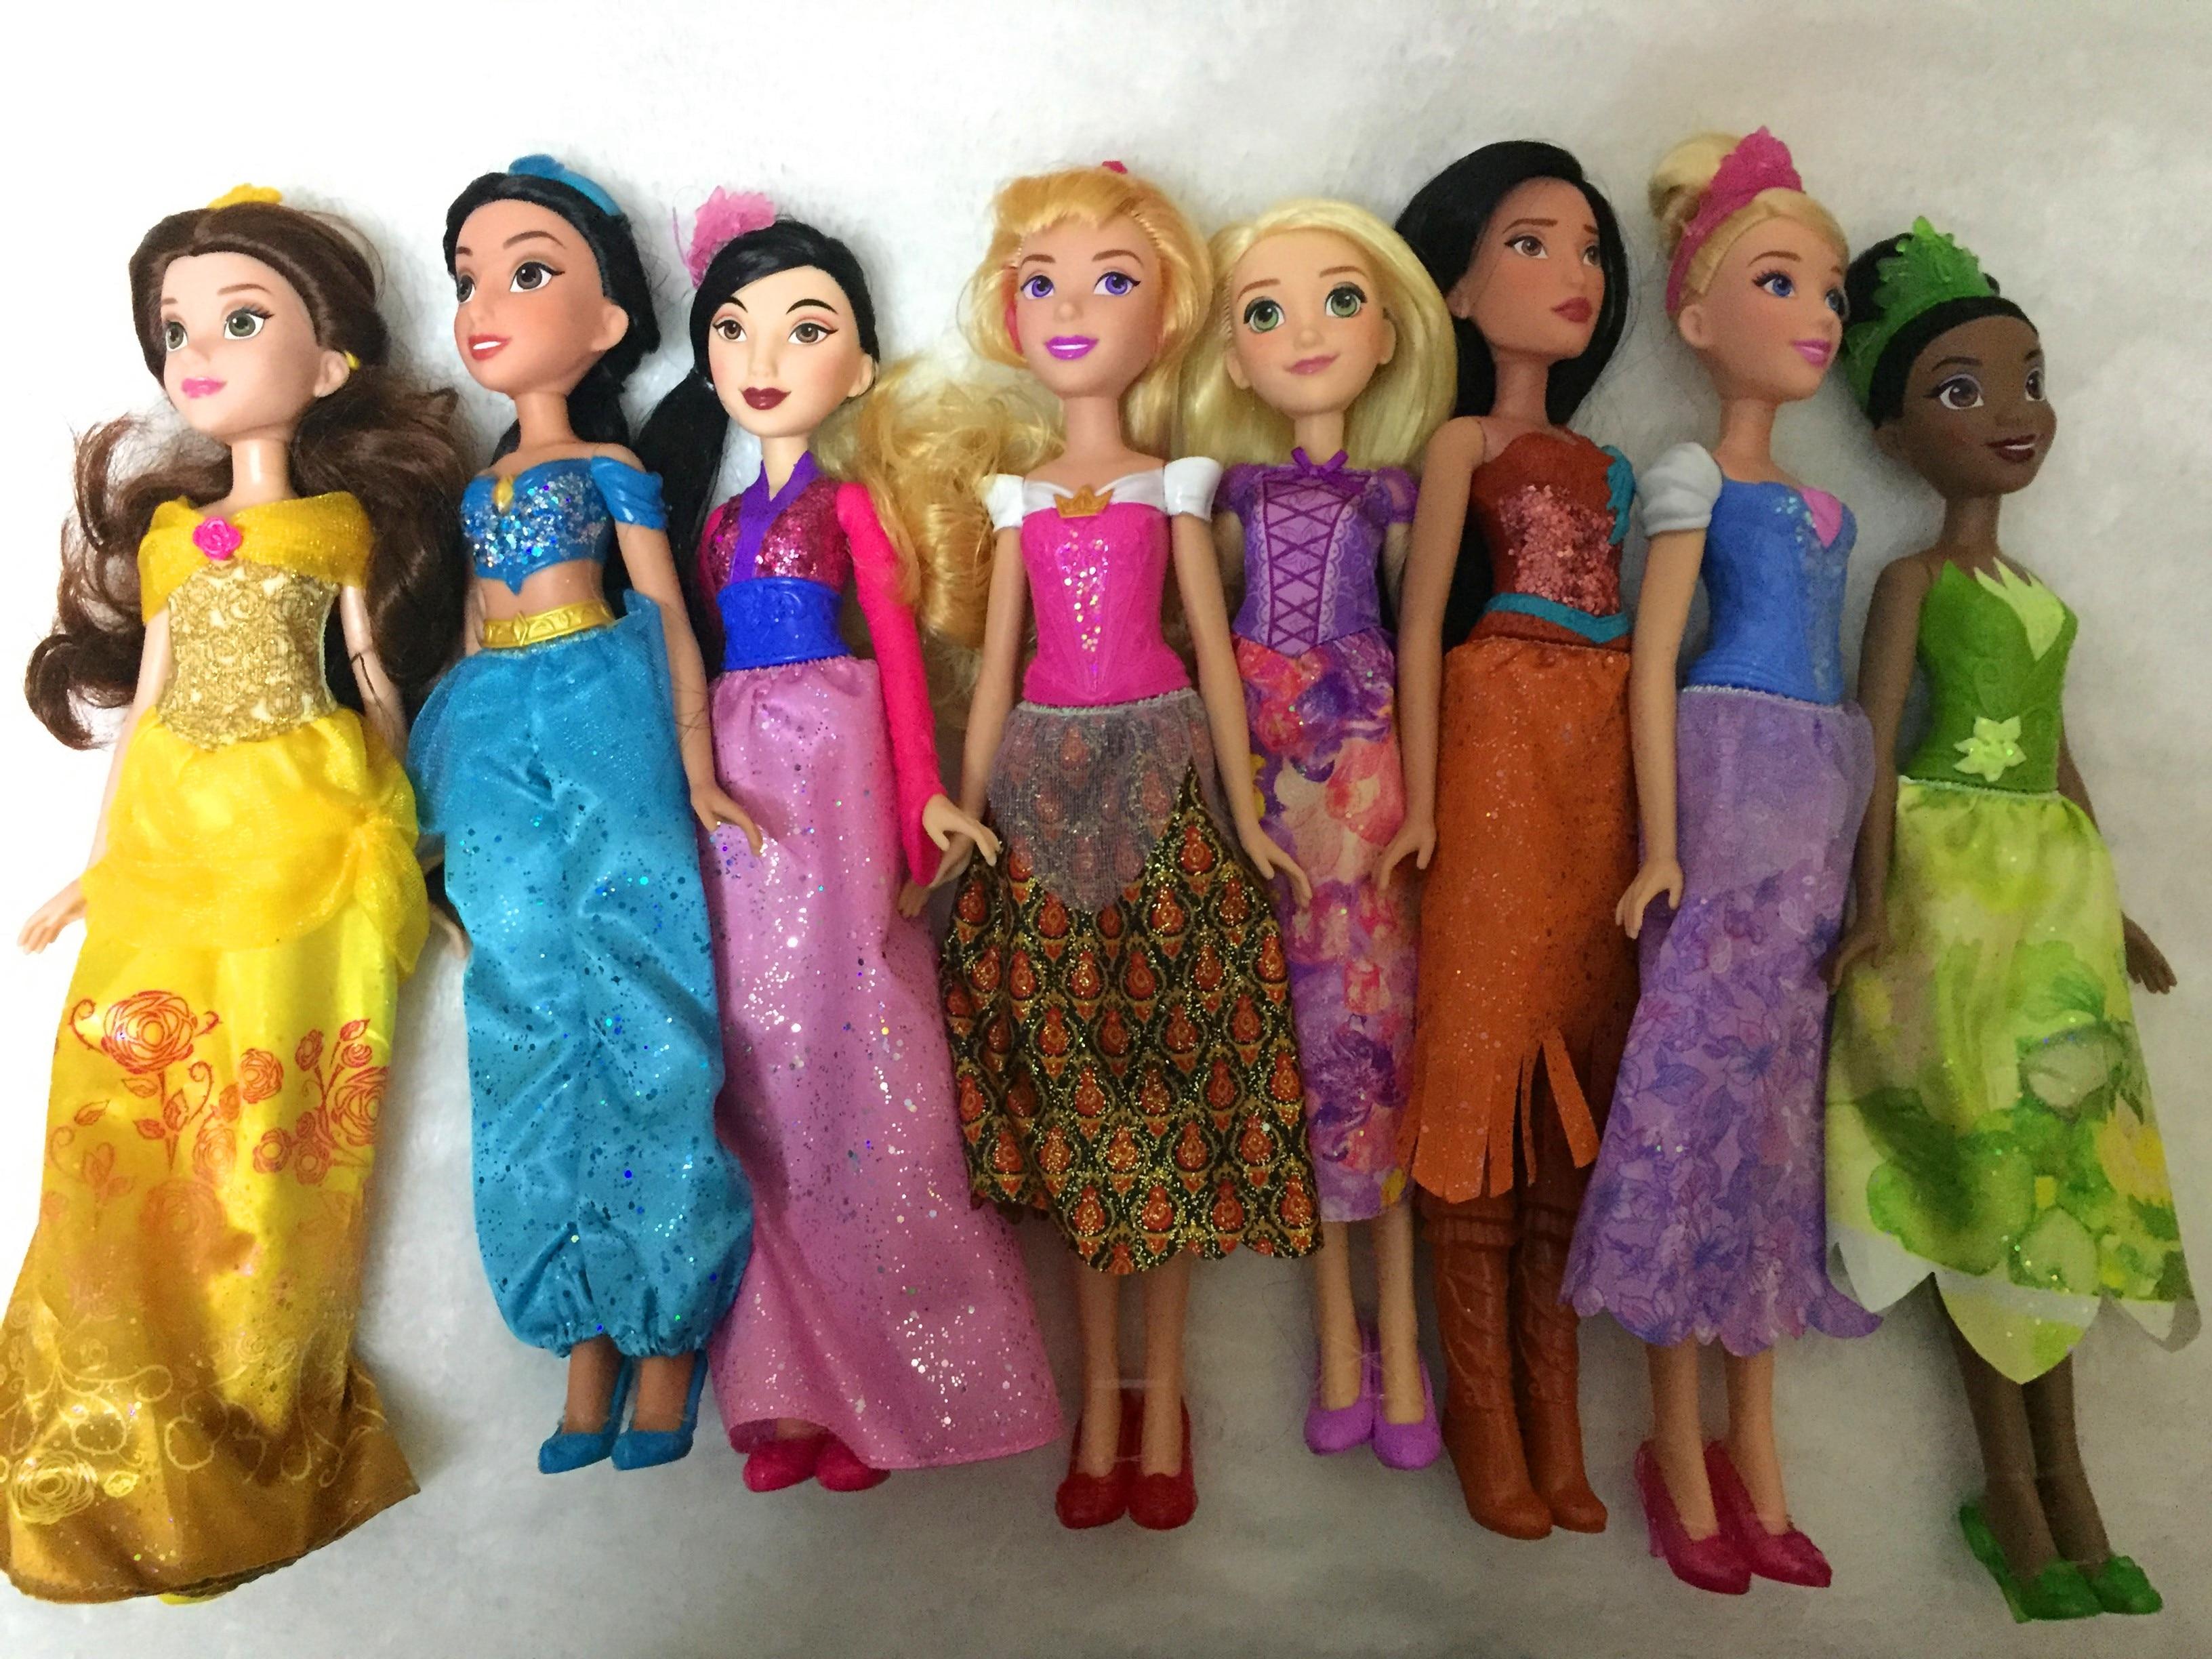 Raiponce poupées jasmin princesse poupée neige blanche Ariel Belle raiponce jouets pour filles Brinquedos jouets bjd poupées pour enfants enfants